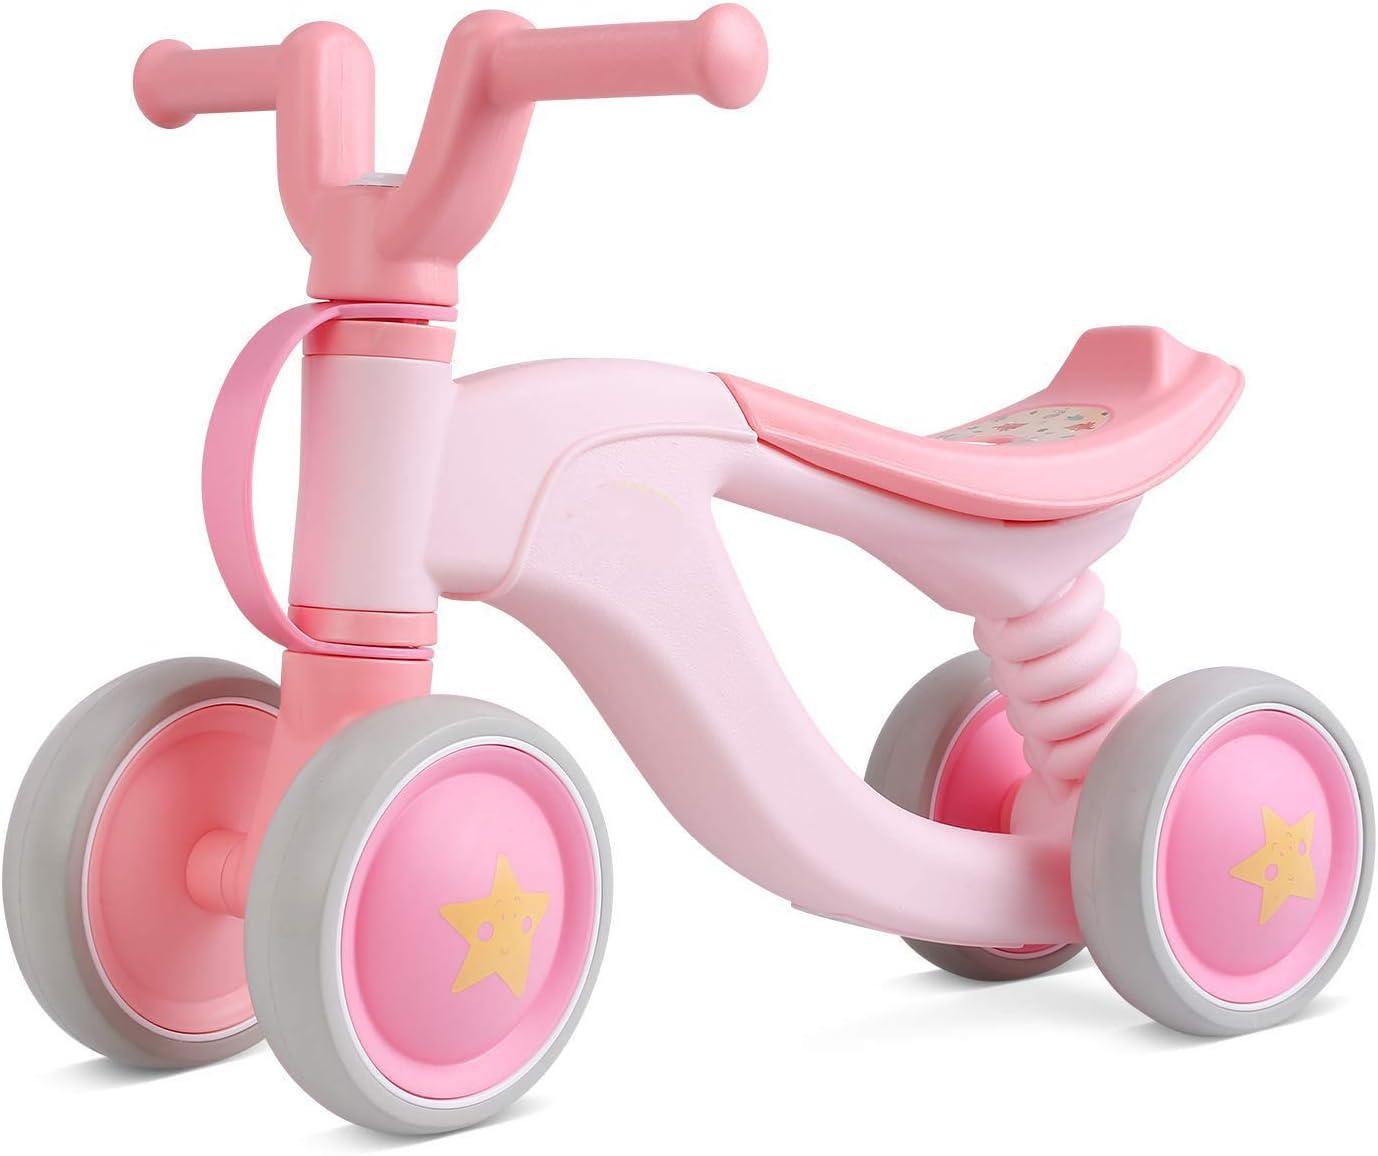 Framy Baby Balance Bike, Ride on Bikes, Bicicleta para Niños, Bicicleta Deslizante De 4 Ruedas, Caminante para Niños Pequeños Sin Pedal Baby Car Ride on Toy para Niños De 1-3 Años